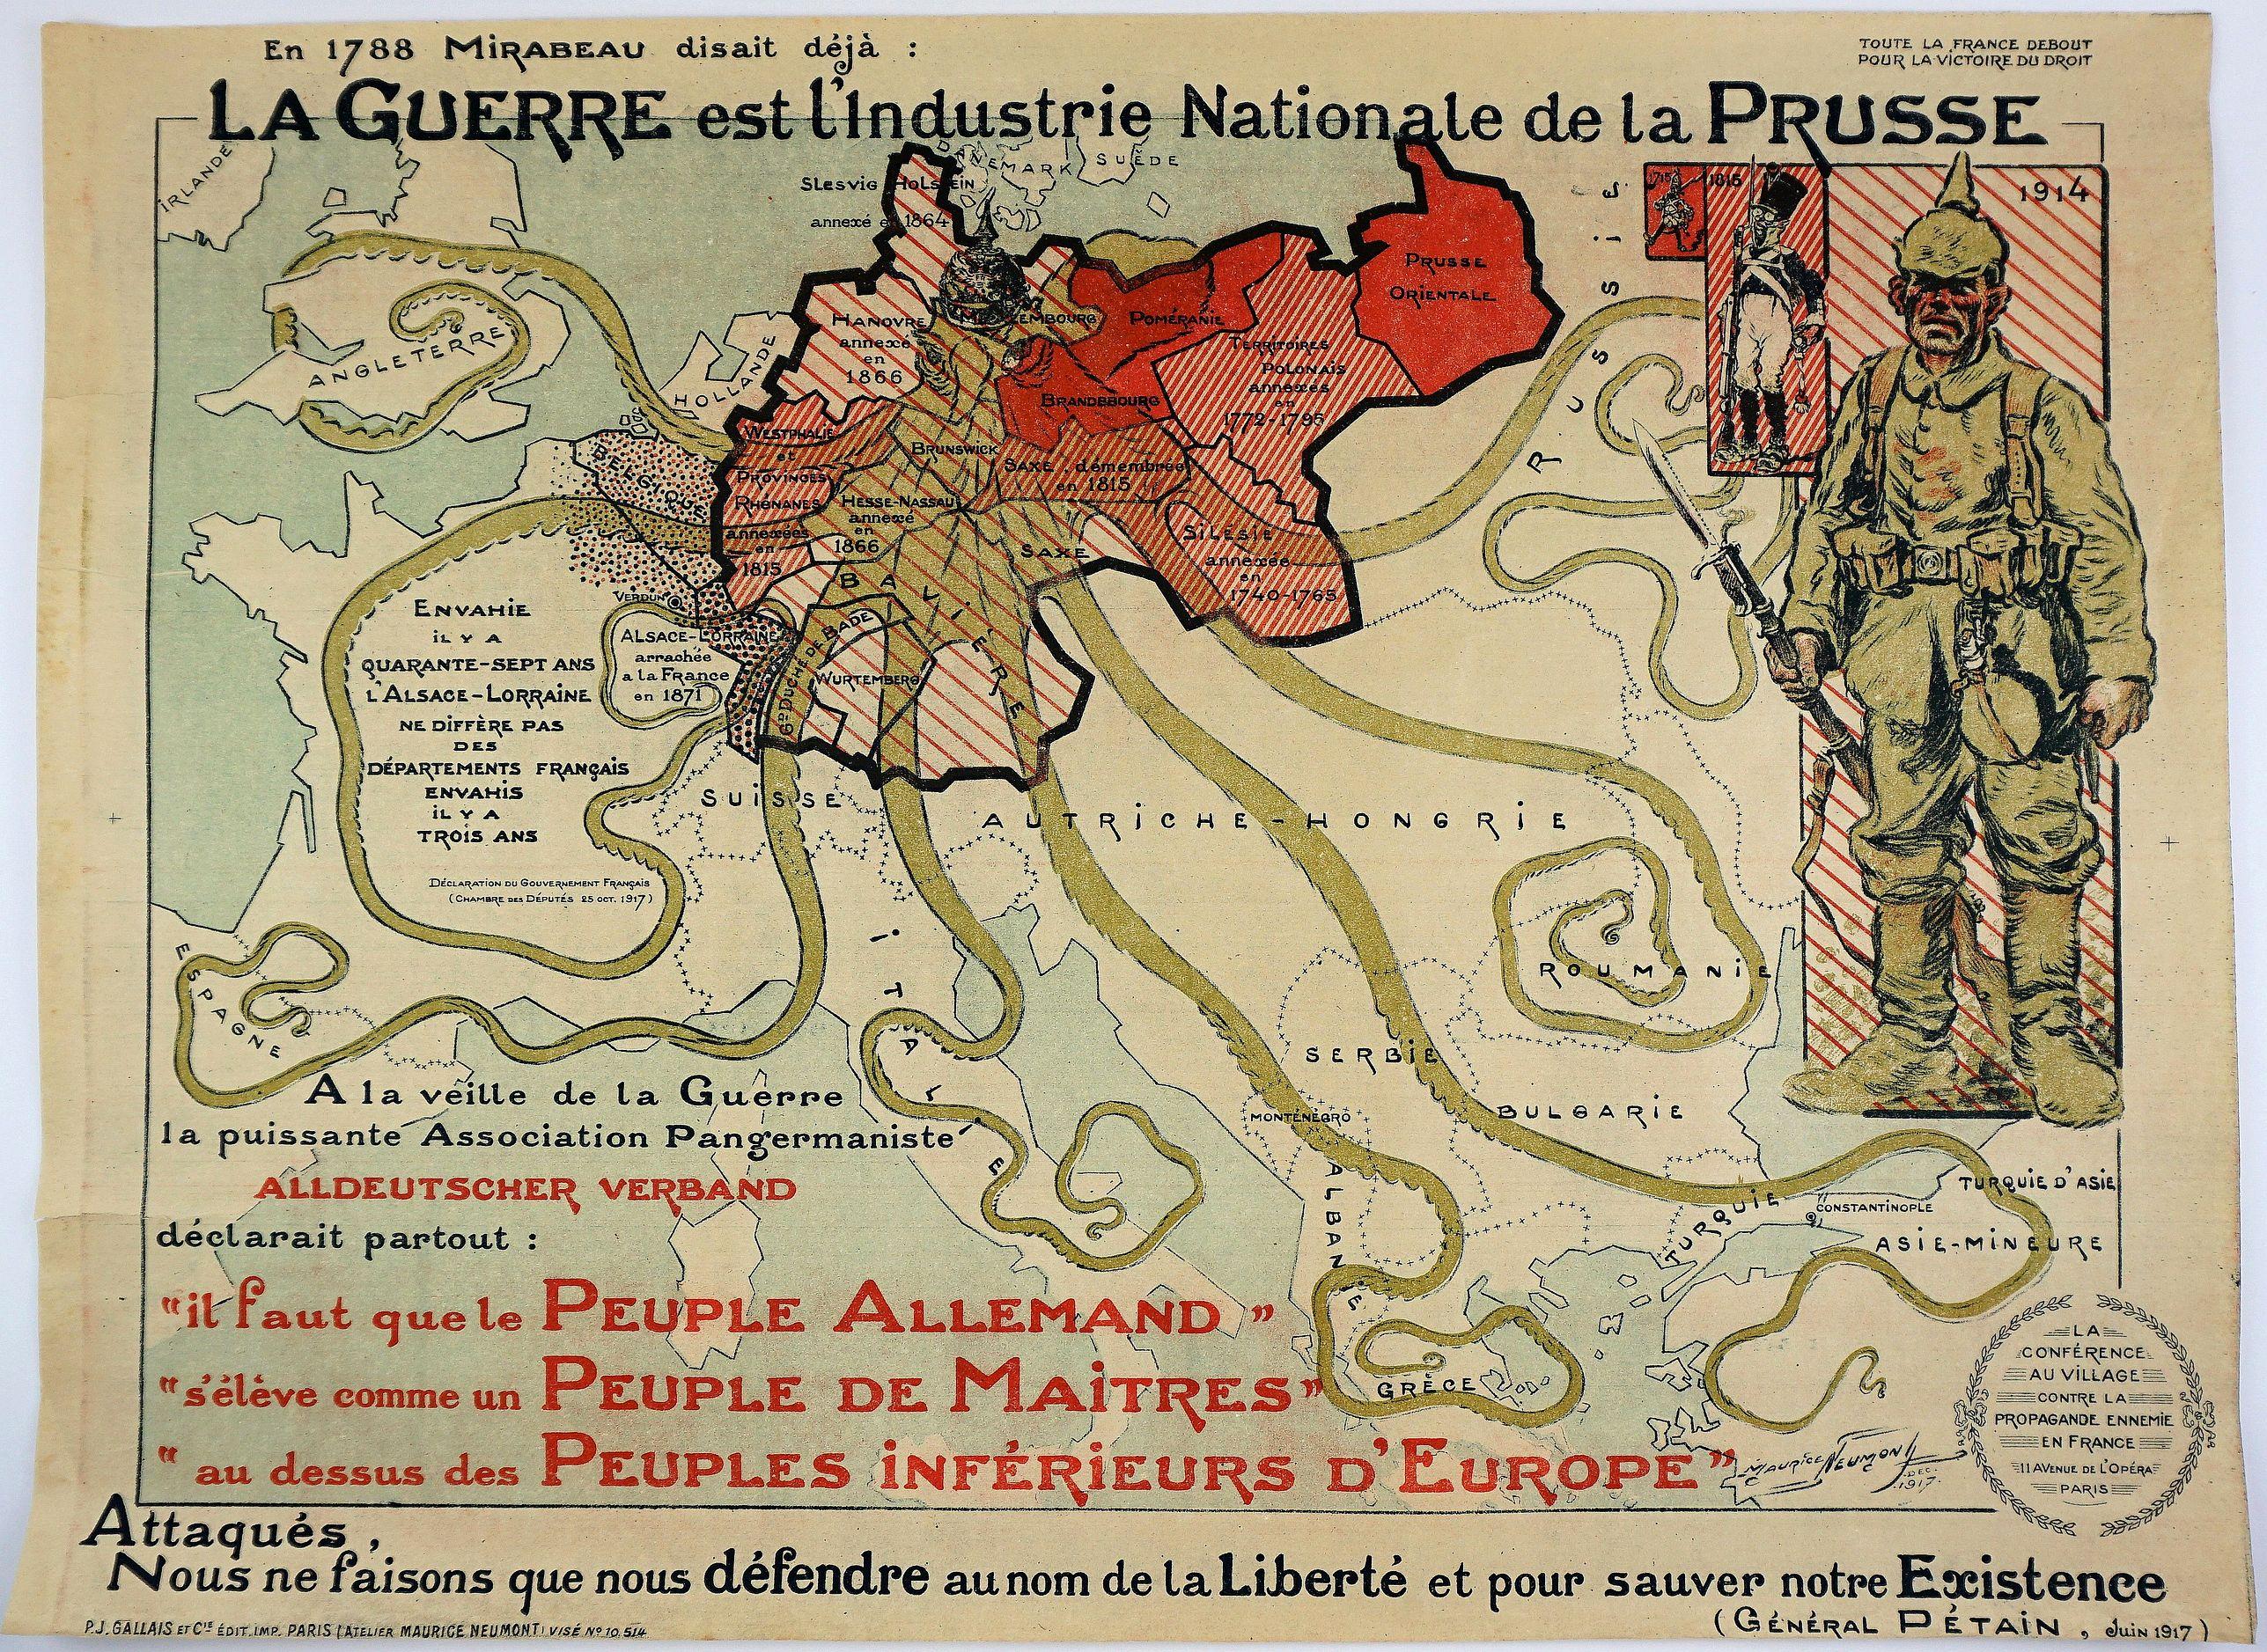 NEUMONT, M. L. H. - La Guerre est L'Industrie Nationale de la Prusse.